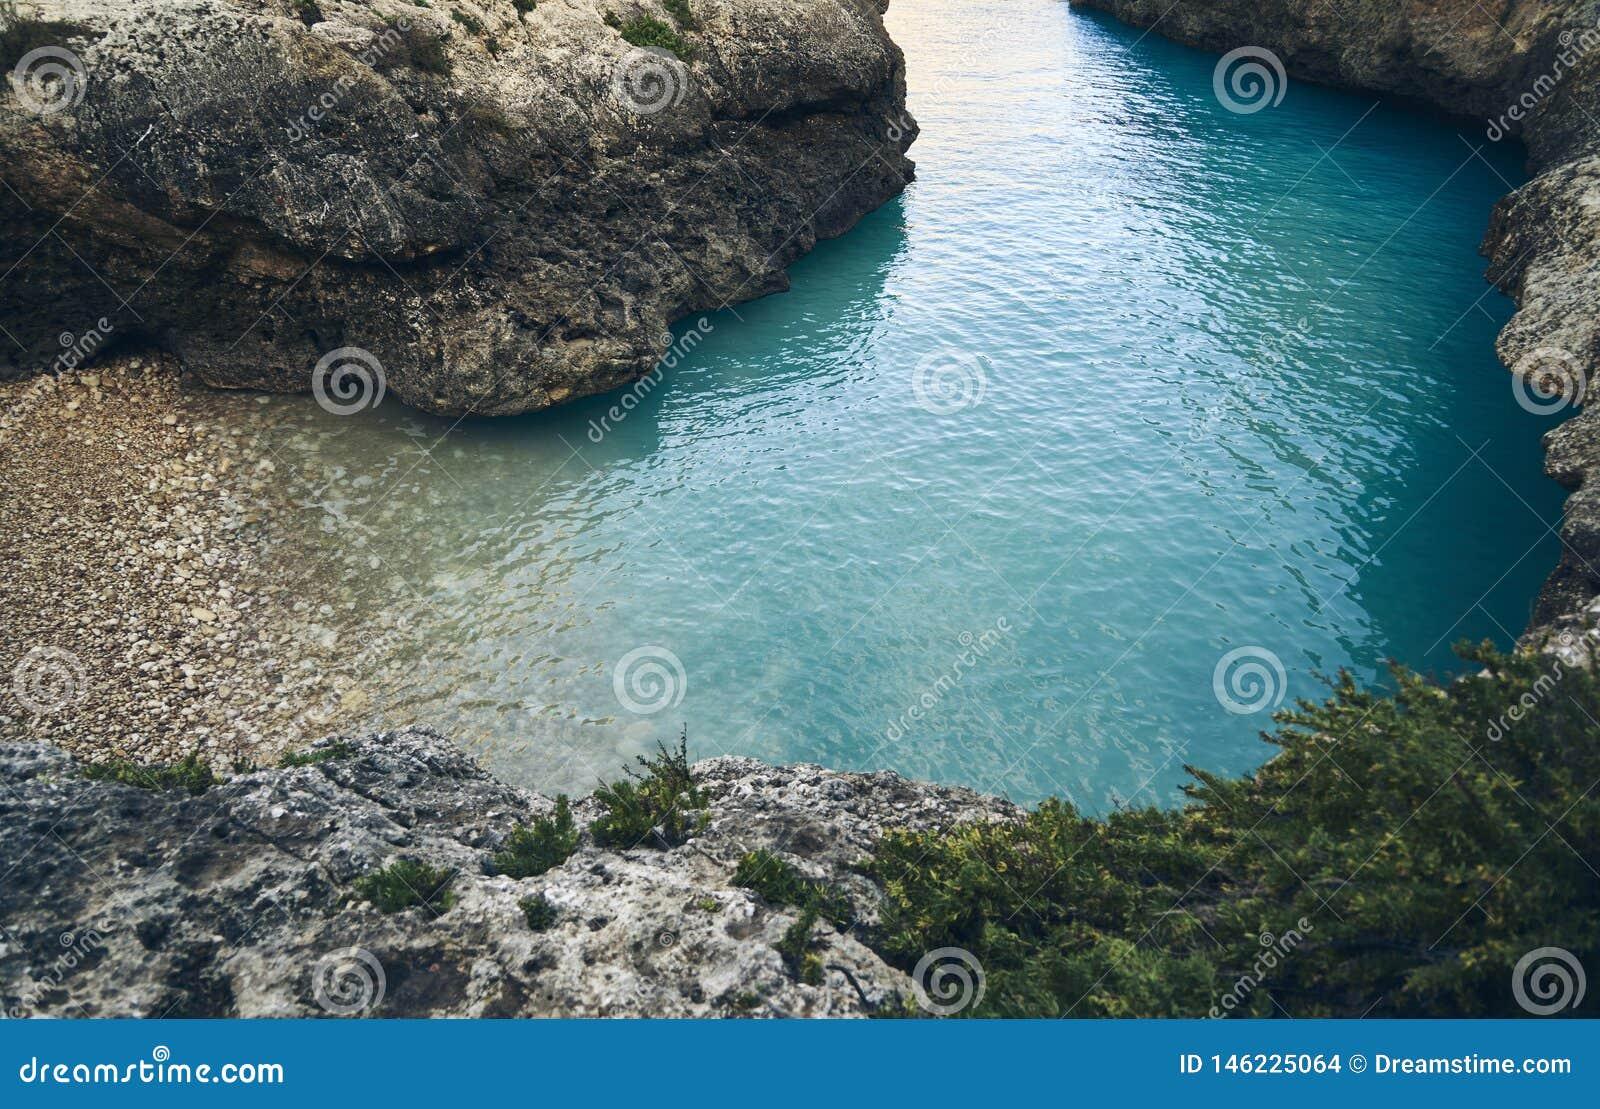 Spiaggia abbandonata stordimento con acqua blu